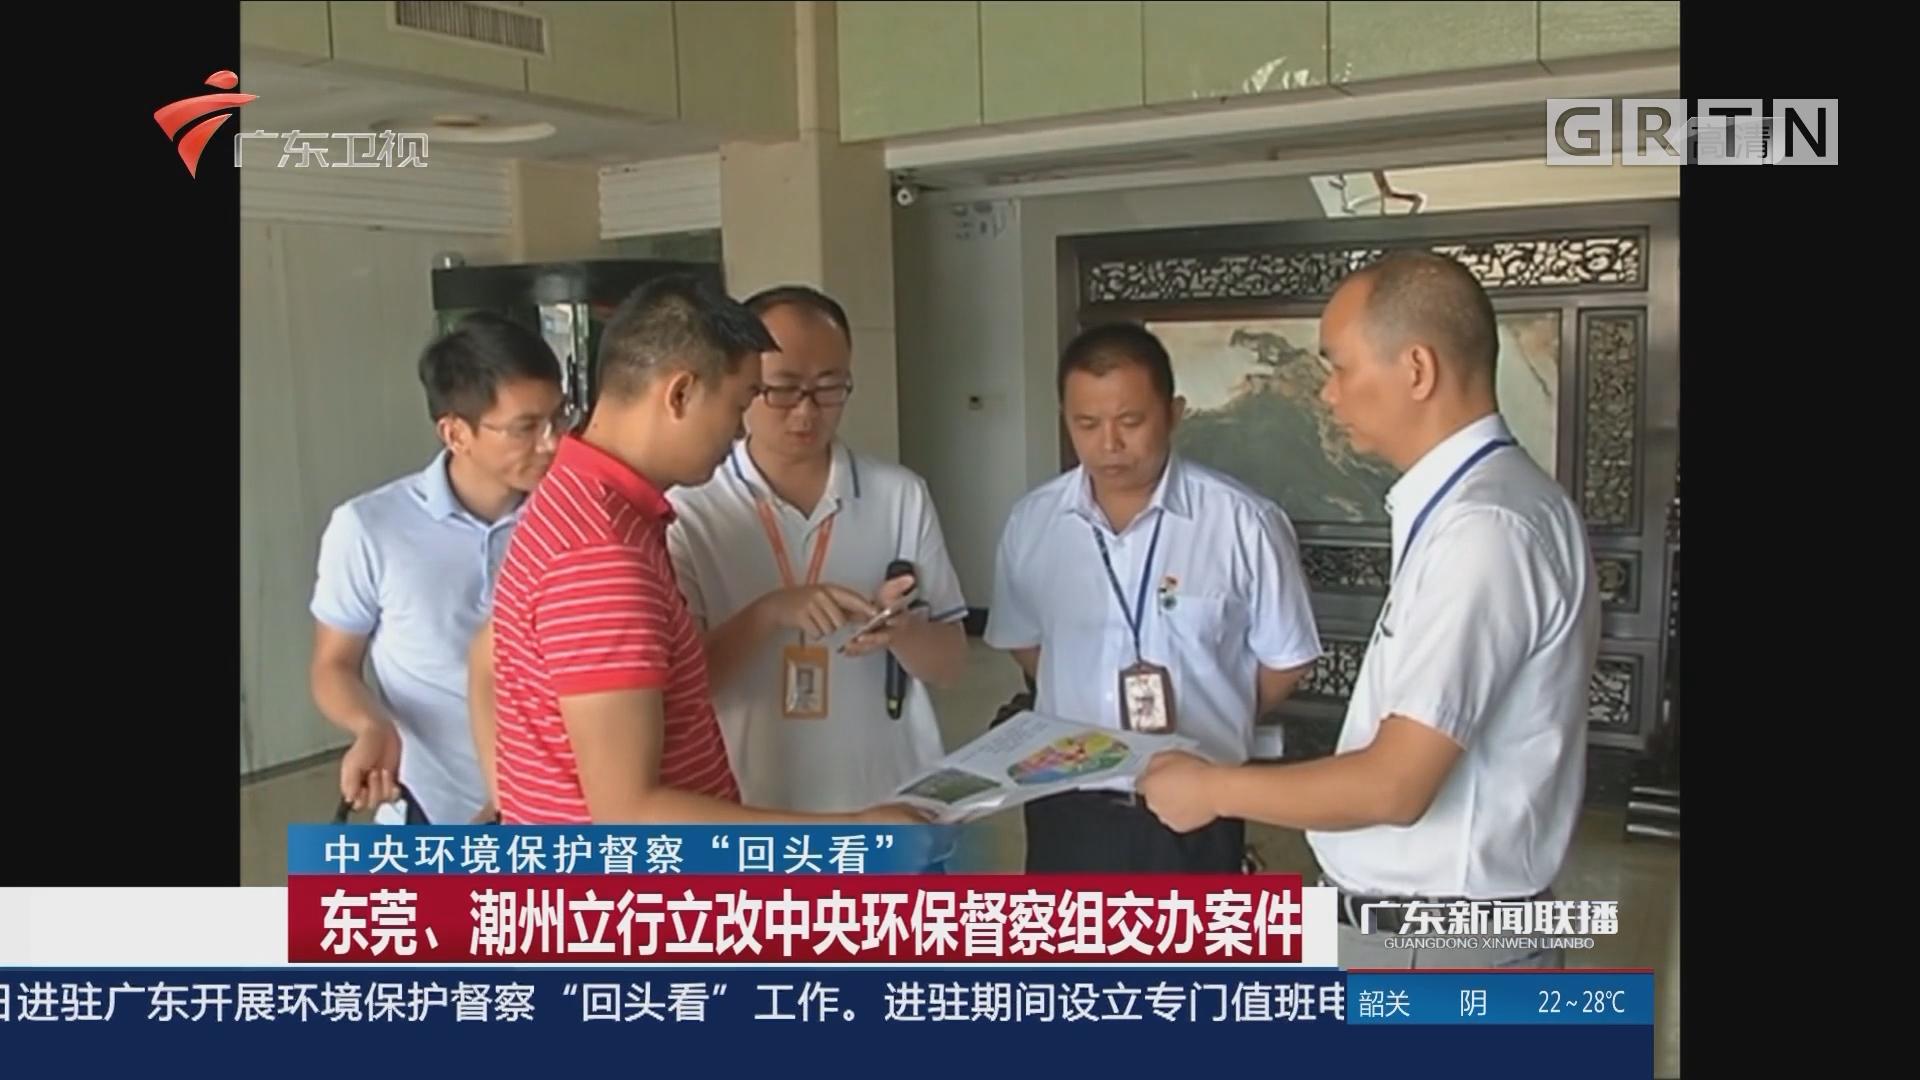 东莞、潮州立行立改中央环保督察组交办案件